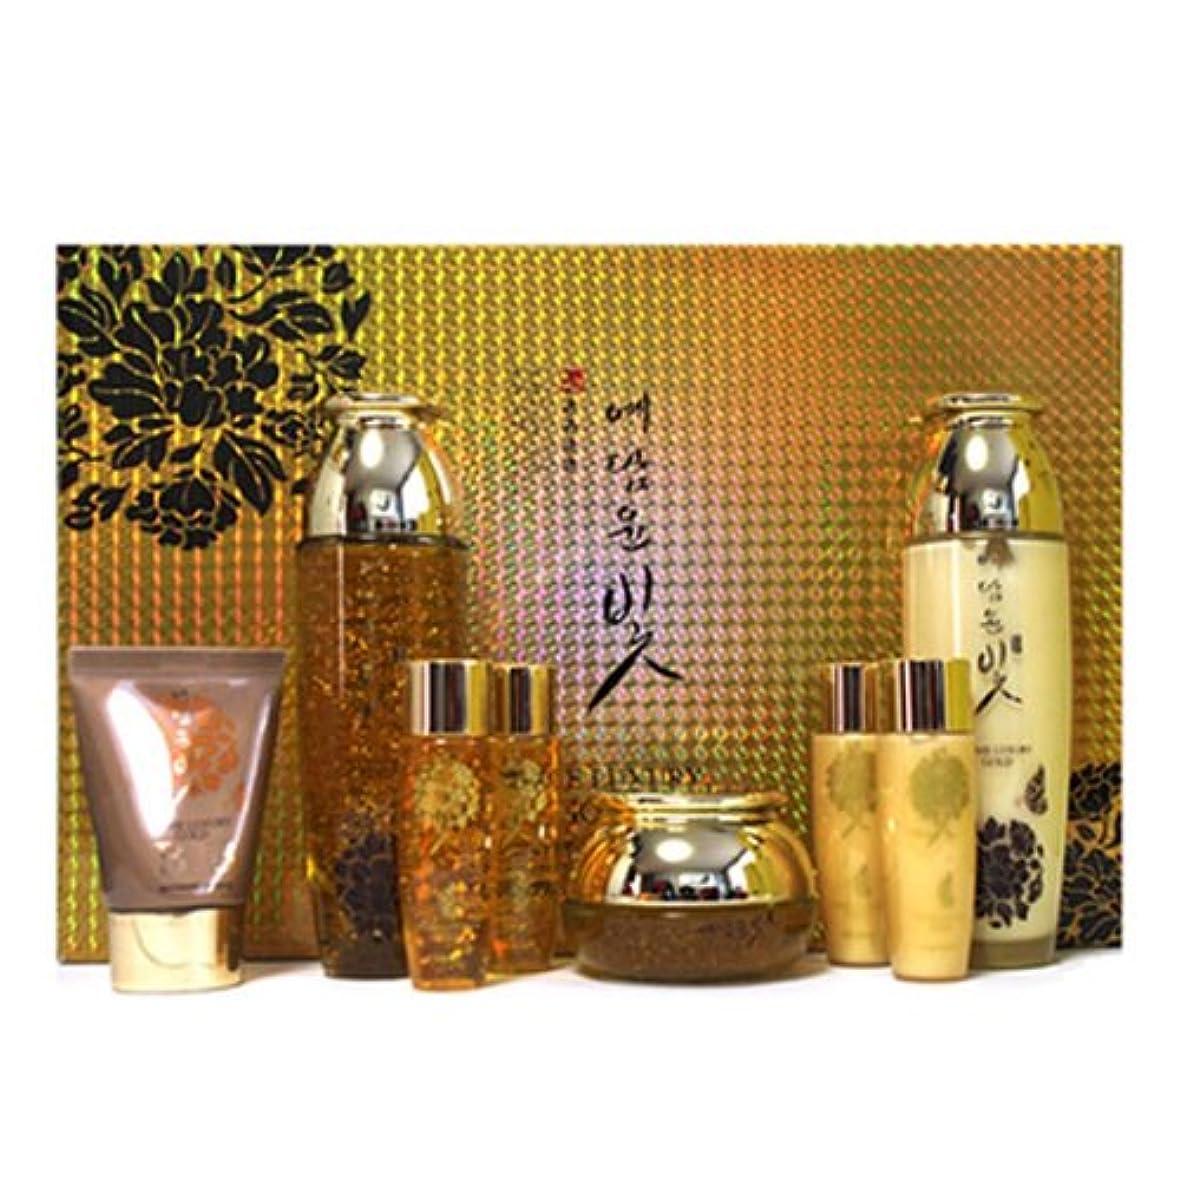 逸話系譜楽しませるイェダムユンビト[韓国コスメYedam Yun Bit]Prime Luxury Gold Skin Care Set プライムラグジュアリーゴールドスキンケア4セット 樹液 乳液 クリーム/ BBクリーム [並行輸入品]